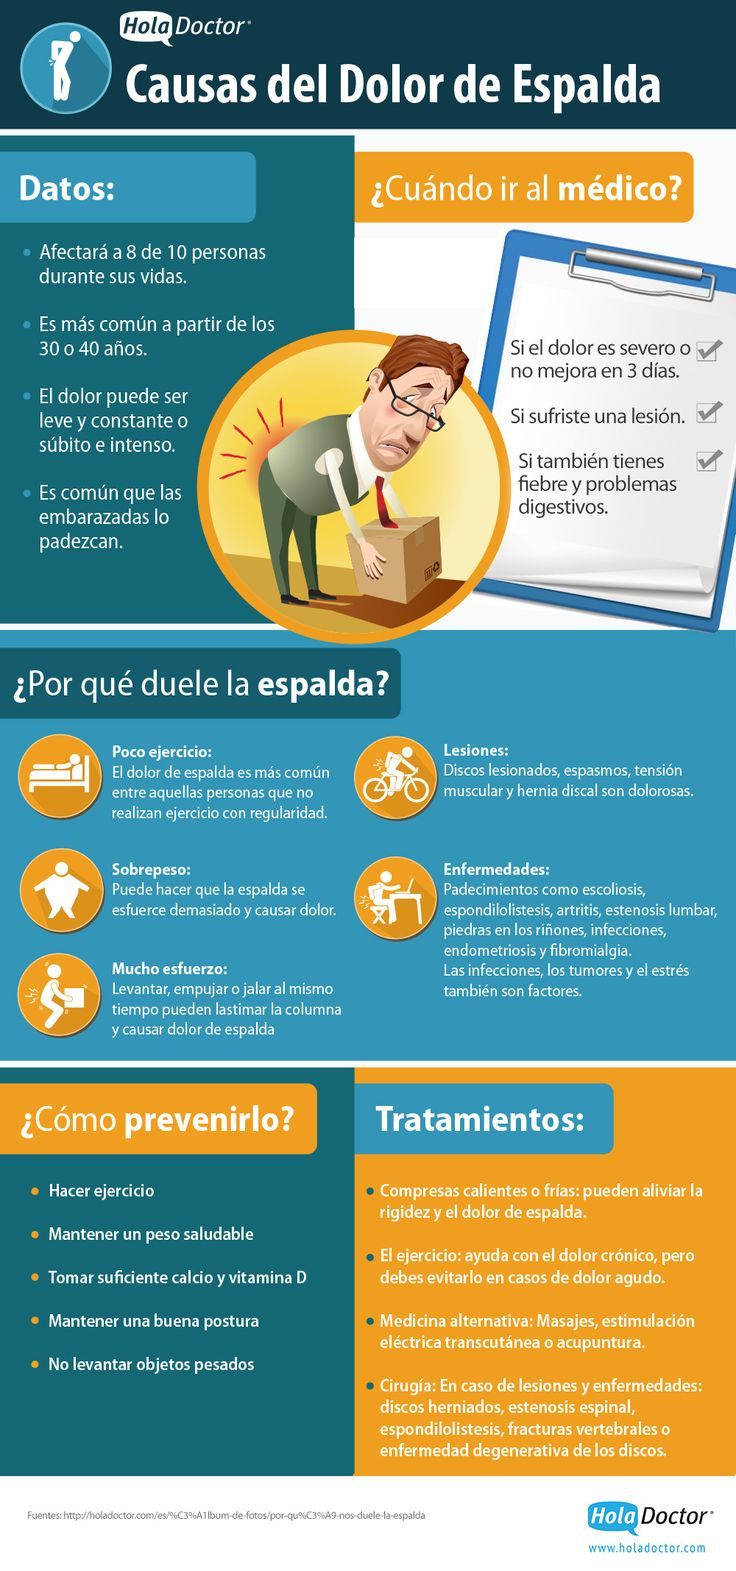 ¿A qué se debe el dolor de espalda? Lee más > http://bit.ly/1tMzfwg